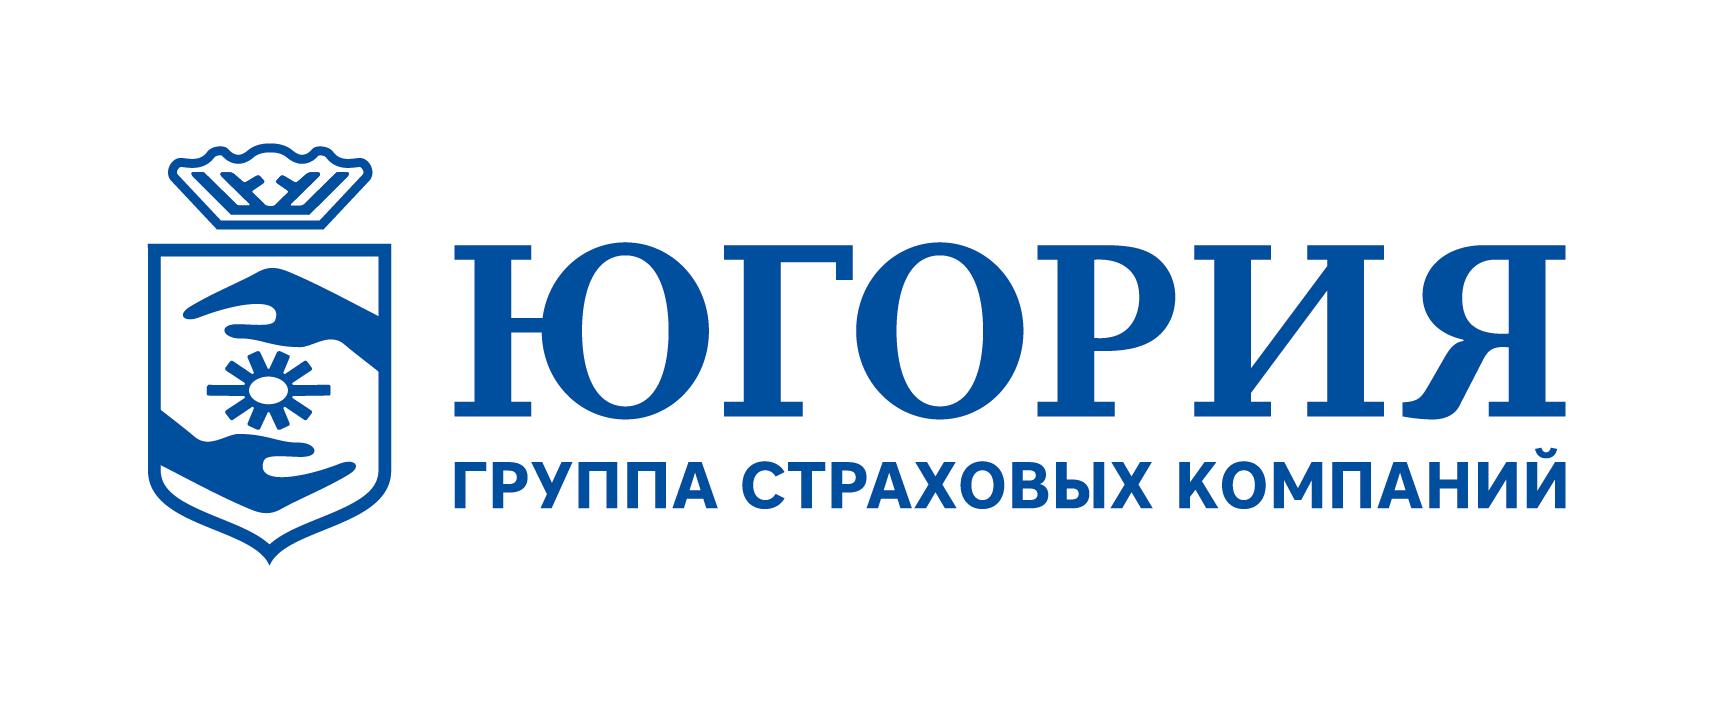 Группа страховых компаний «Югория», ,  Пыть-Ях